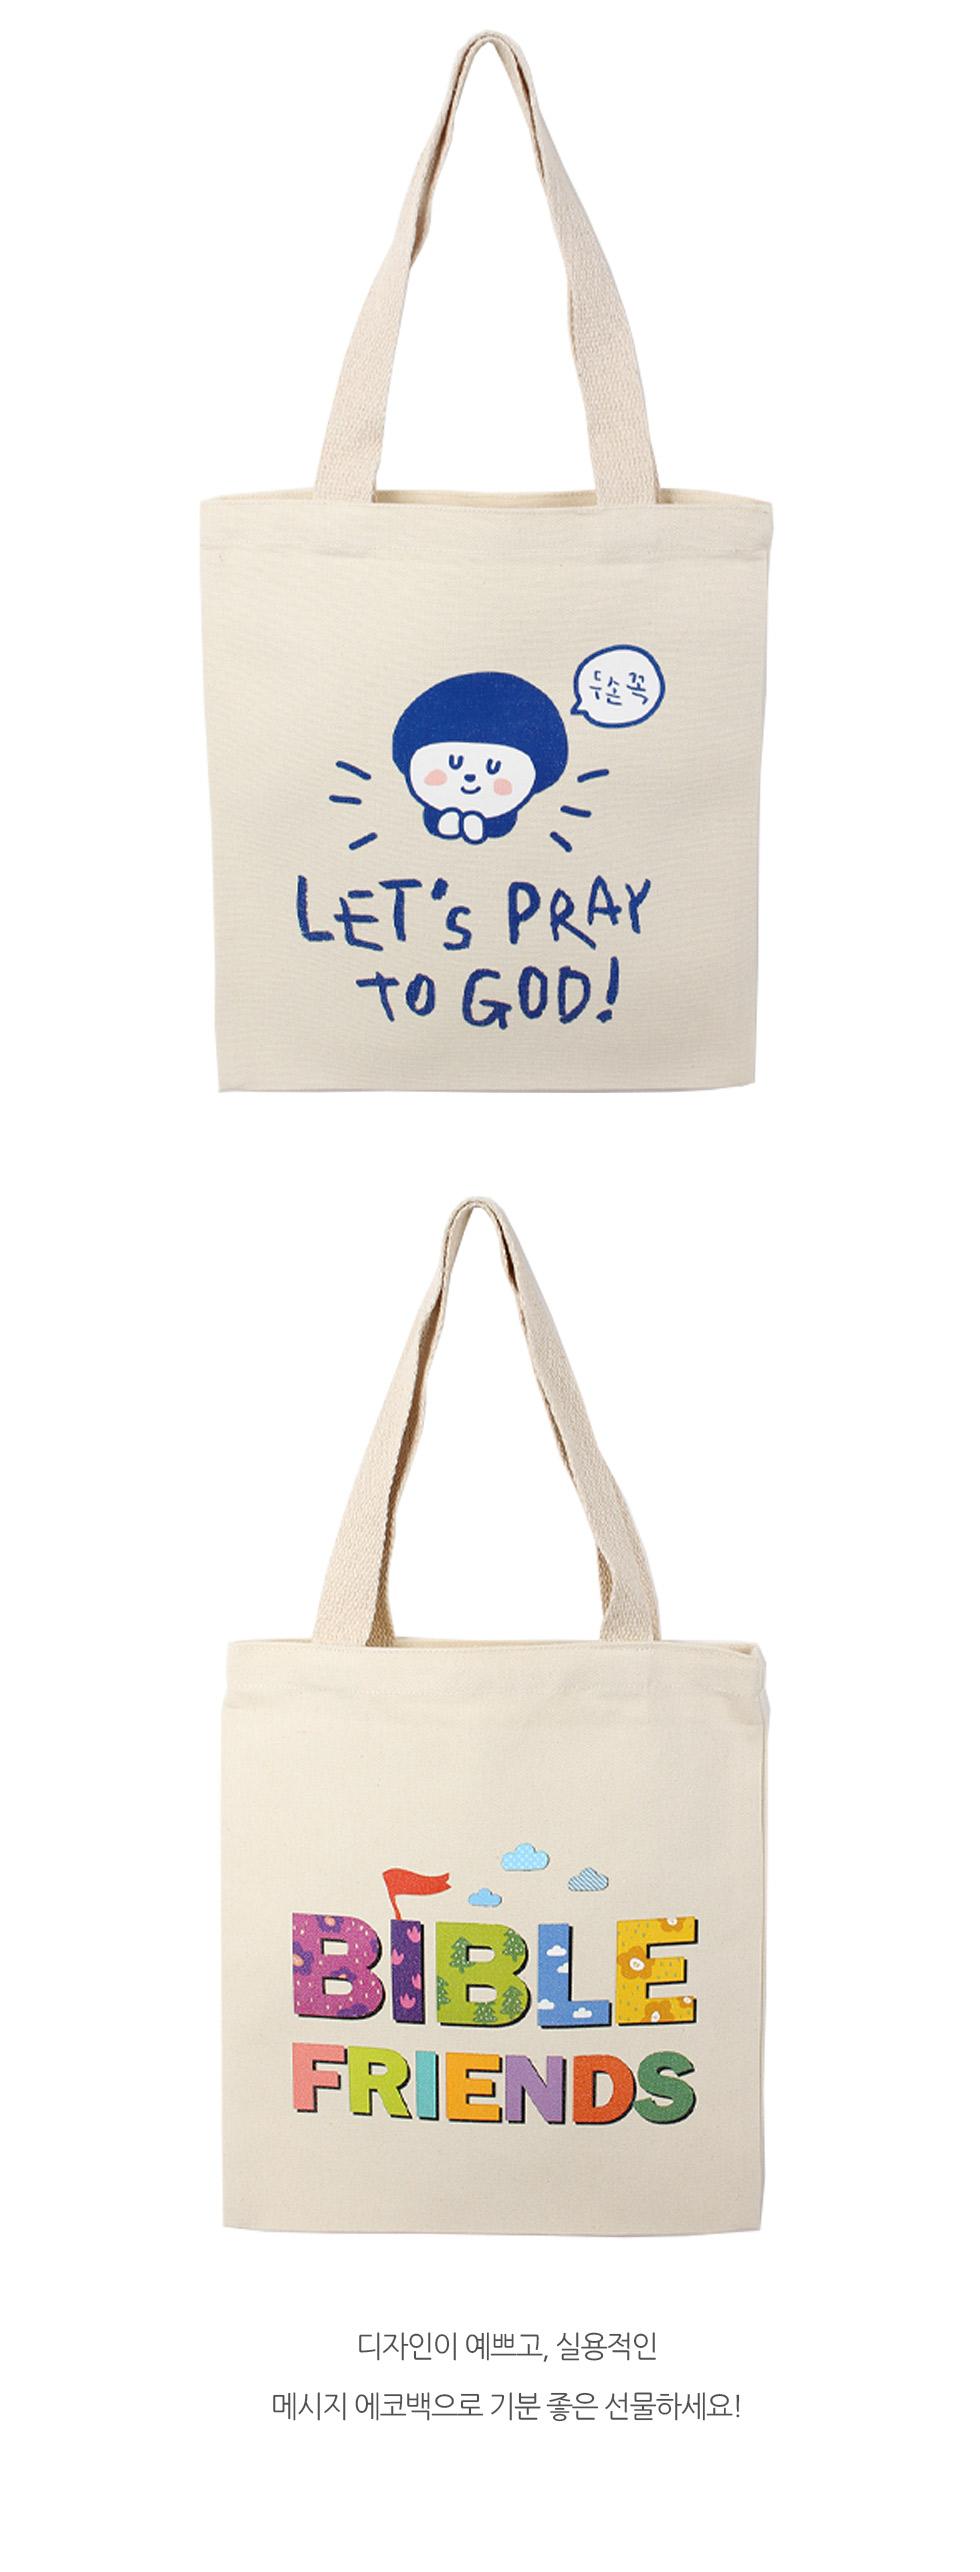 메시지 에코백 BIBLE FRIENDS (바이블프렌즈) & 두 손 꼭! 디자인이 예쁘고 실용적인 메시지에코백